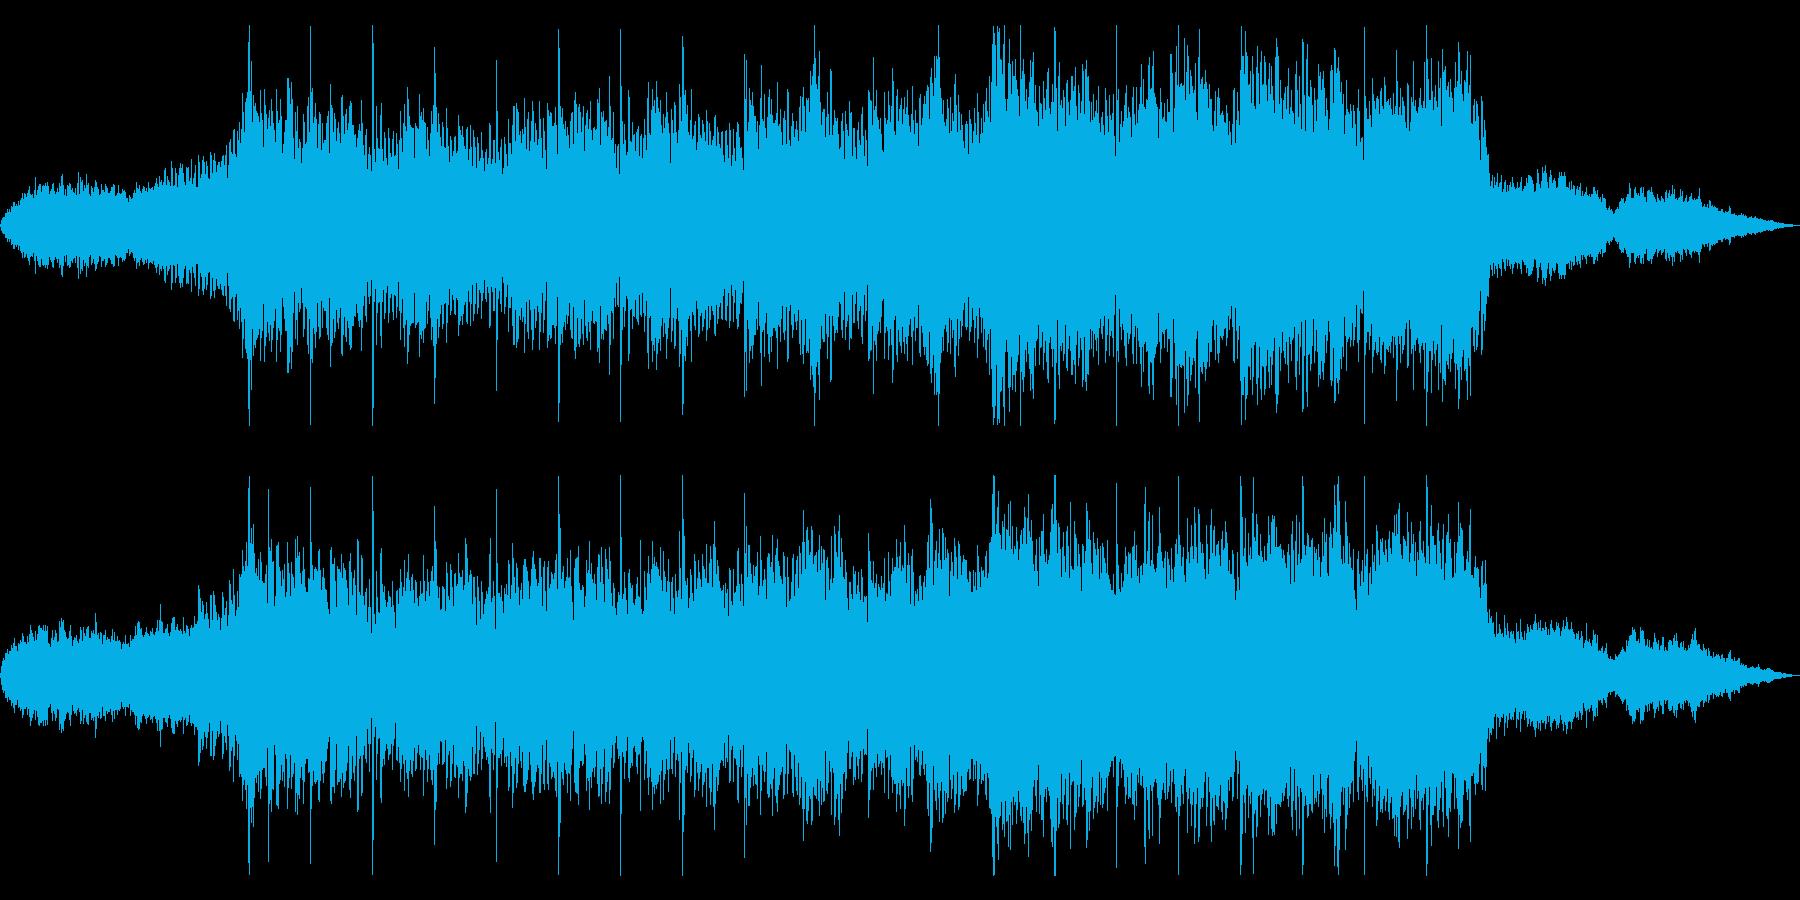 美しく感動的なオーケストラサウンドの再生済みの波形